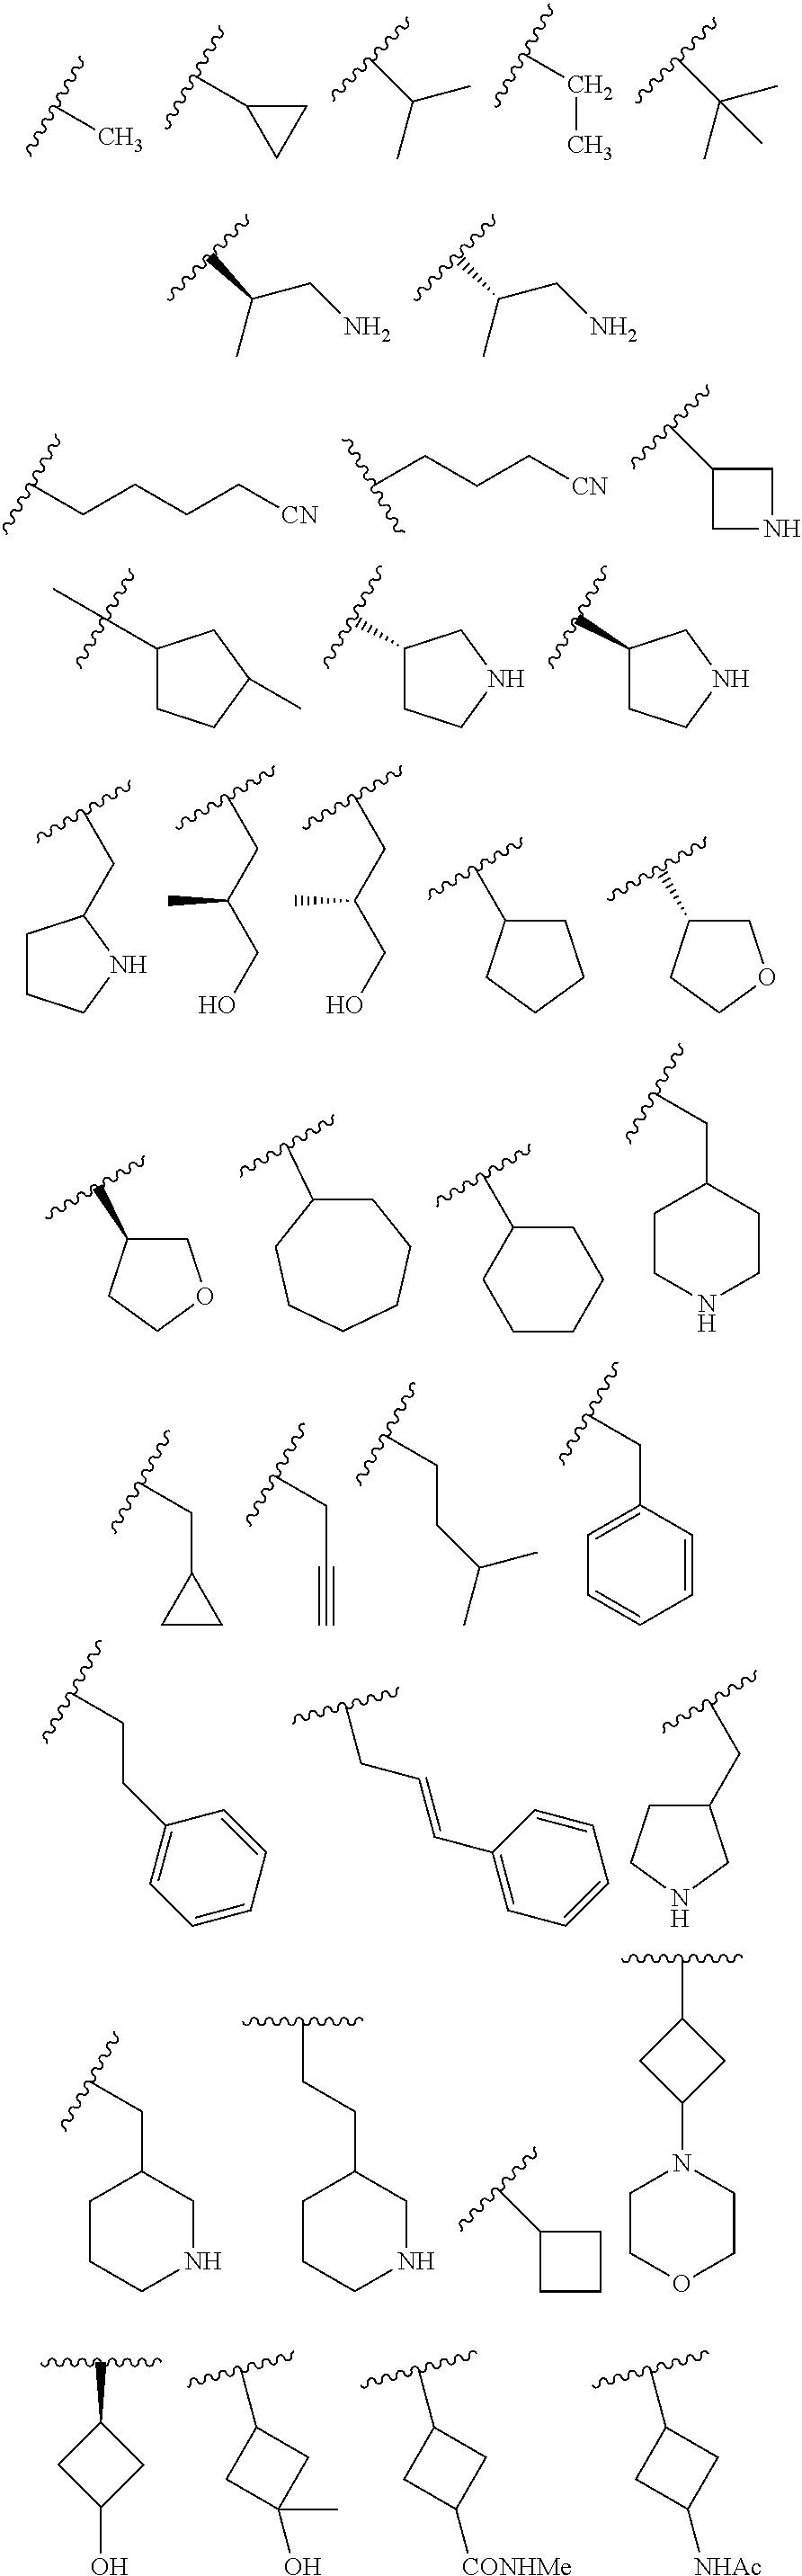 Figure US20160038497A1-20160211-C00036